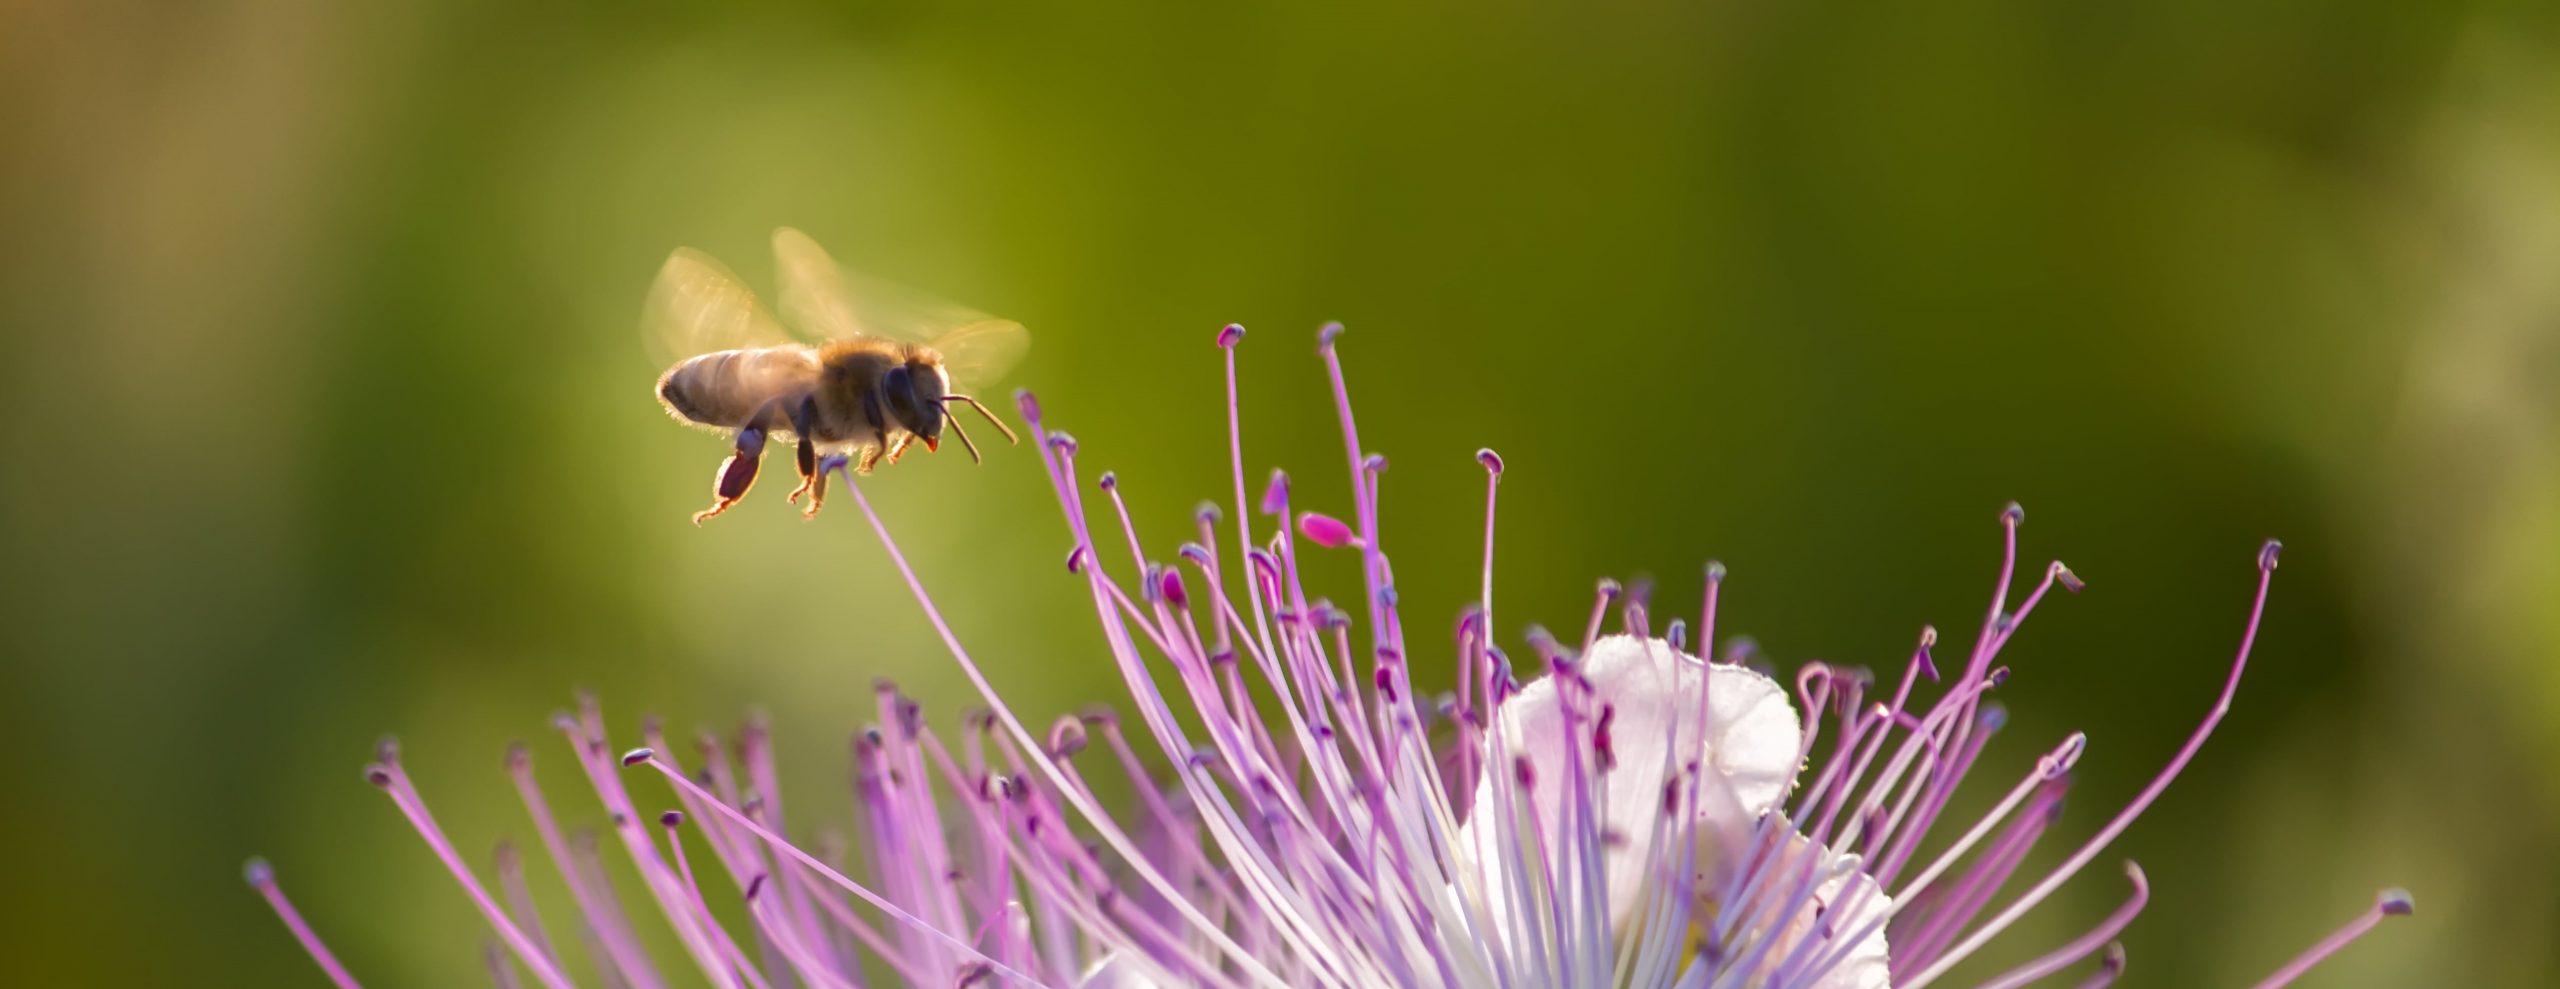 Bees Needs